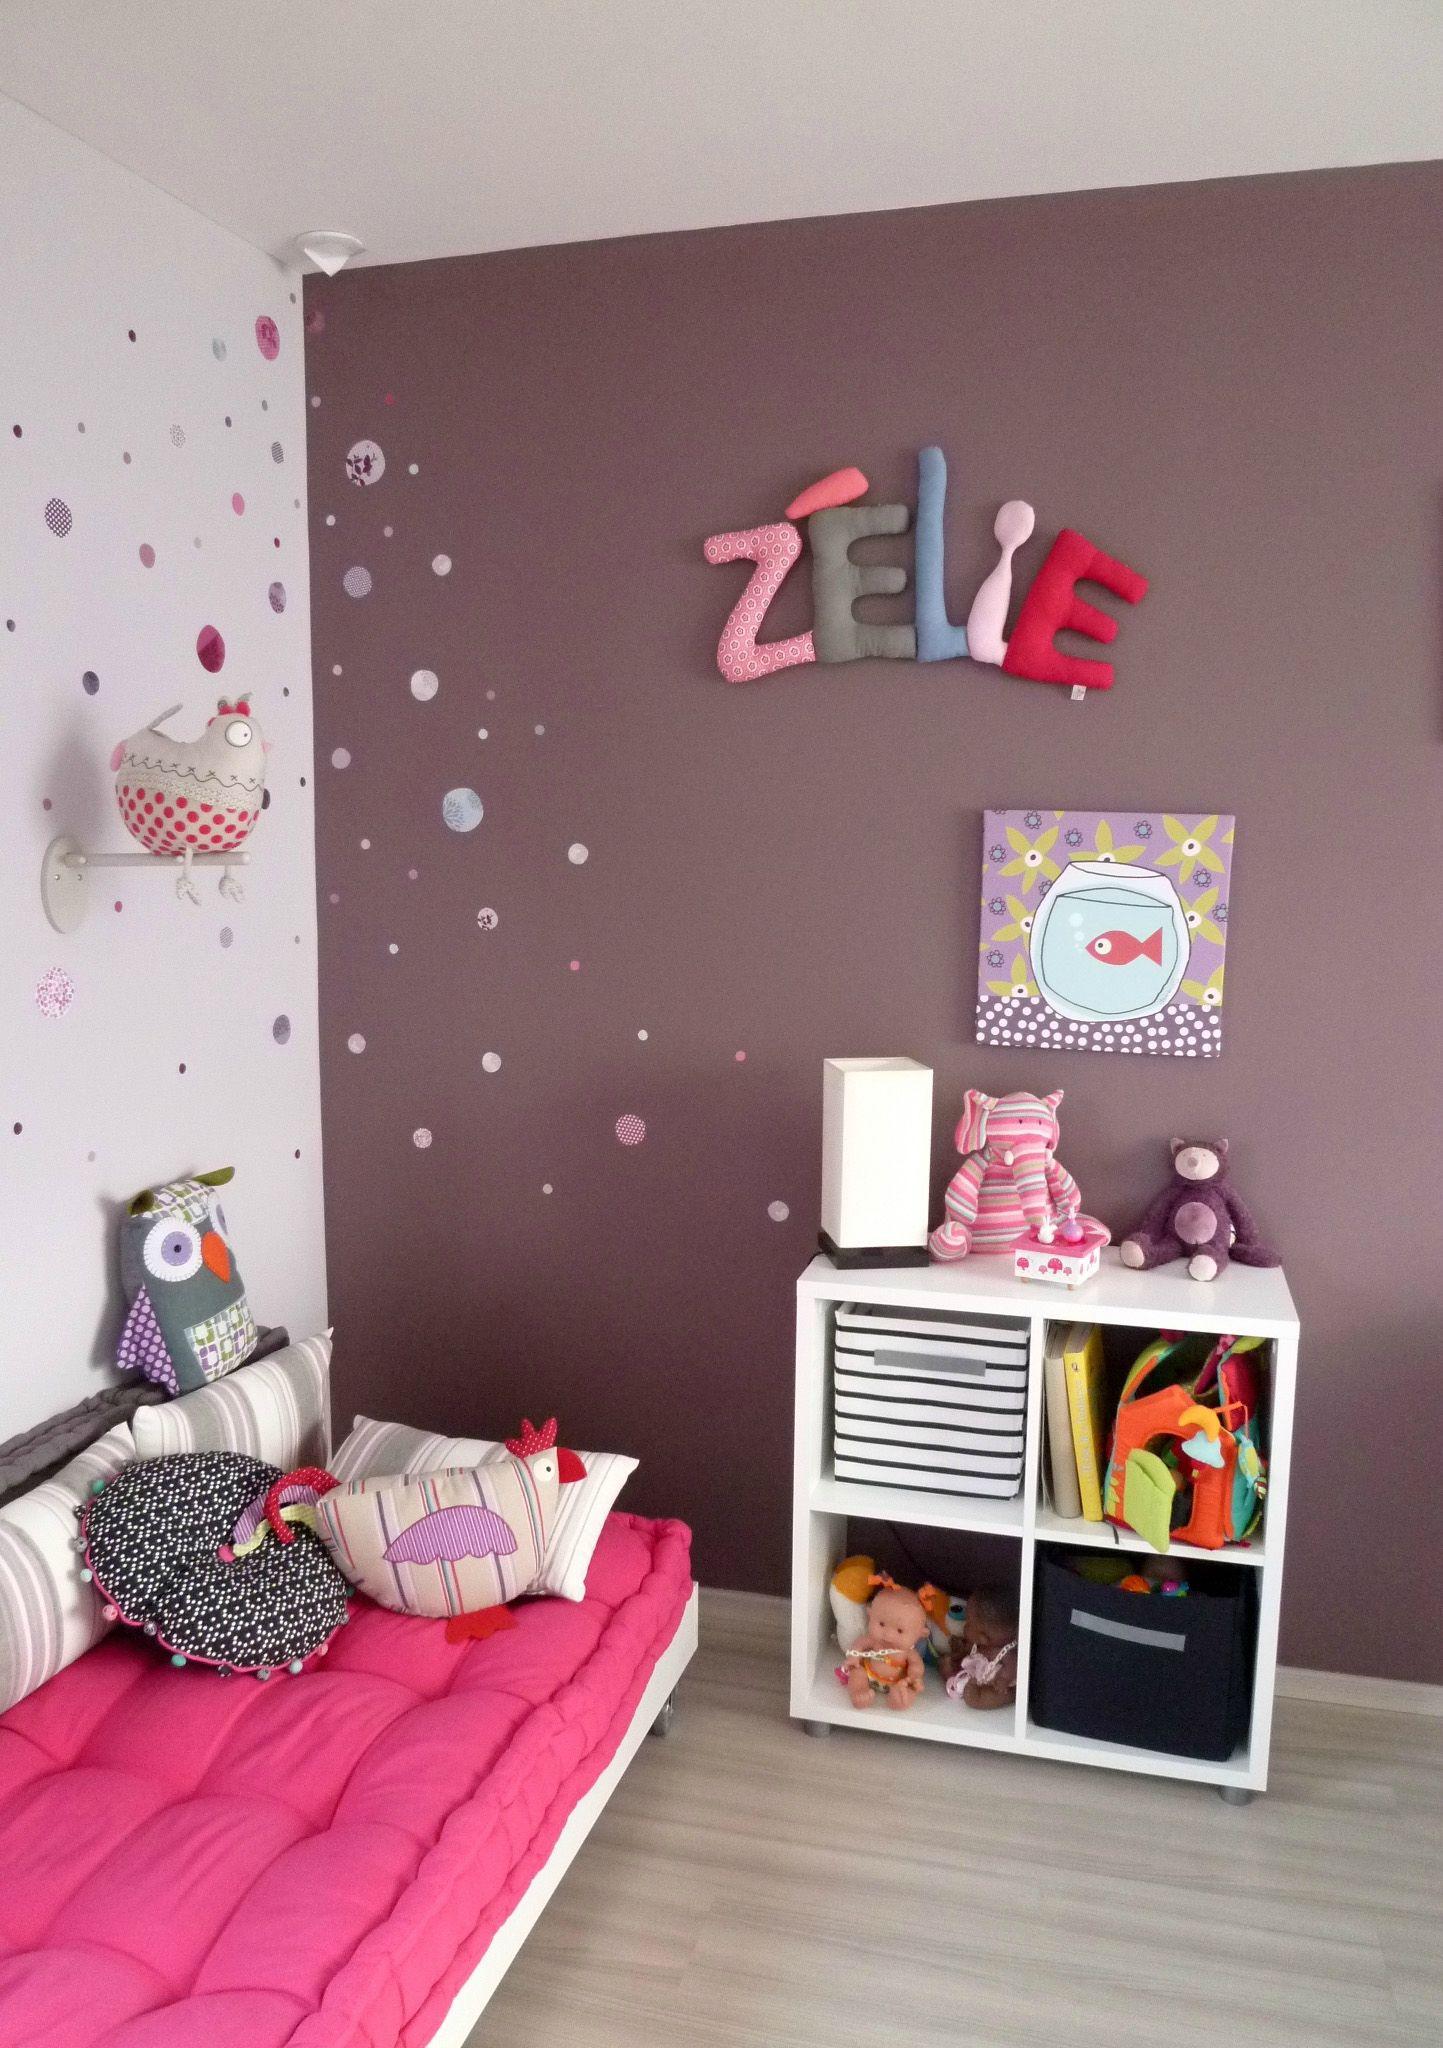 Zelie Prenom En Tissu Chambre D Enfant Prenom Decoratif Lettre En